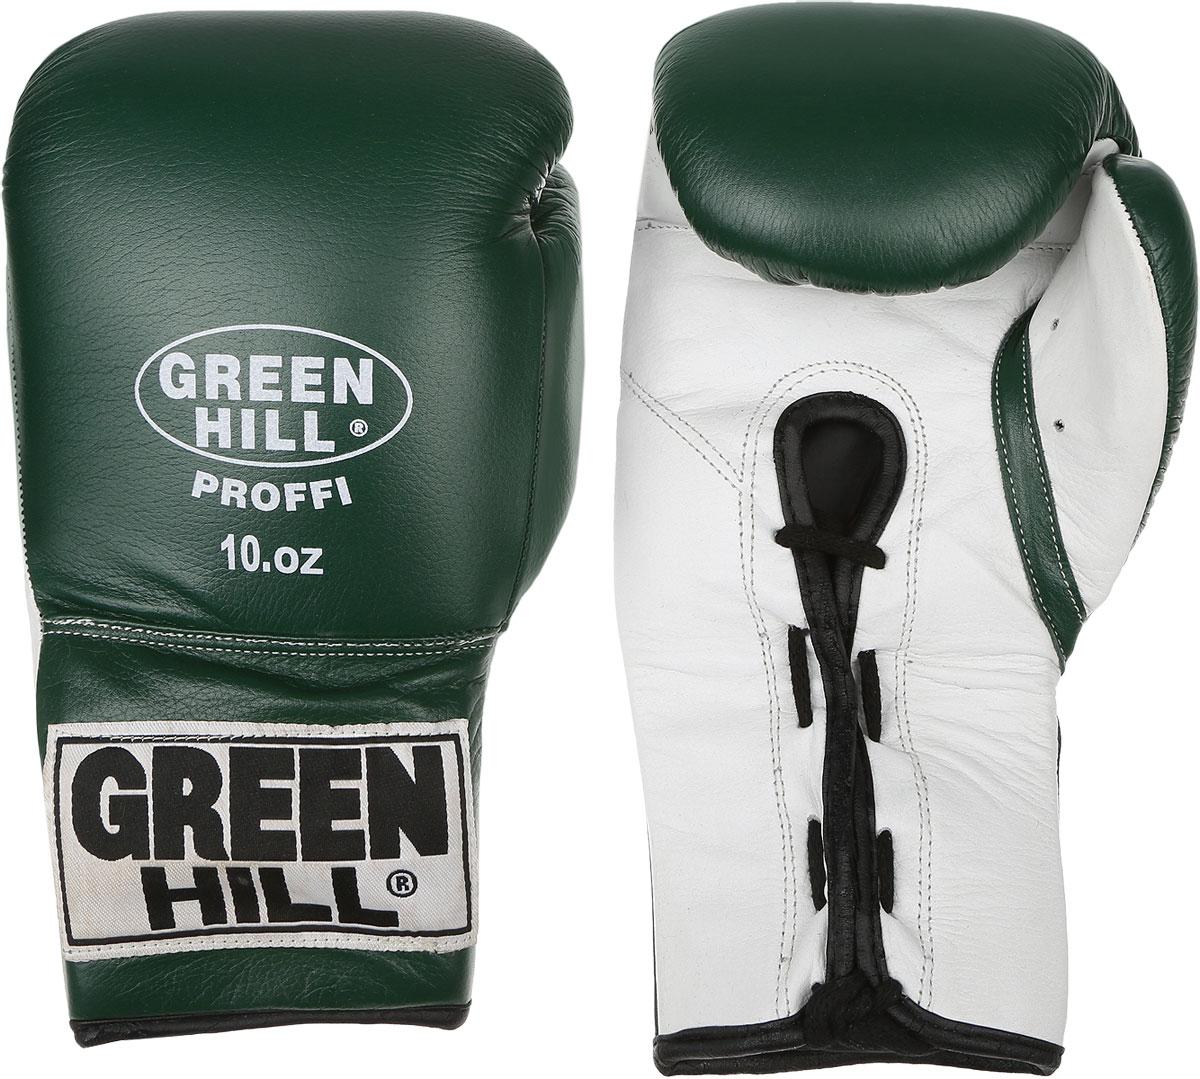 Перчатки боксерские Green Hill Proffi, цвет: зеленый, белый. Вес 10 унций. BGP-2014BGT-2010сБоксерские перчатки Green Hill Proffi предназначены для использования профессионалами. Верх выполнен из натуральной кожи, наполнитель - из вспененного полимера. Отверстие в области ладони позволяет создать максимально комфортный терморежим во время занятий. Манжет на шнуровке способствует быстрому и удобному надеванию перчаток, плотно фиксирует перчатки на руке.